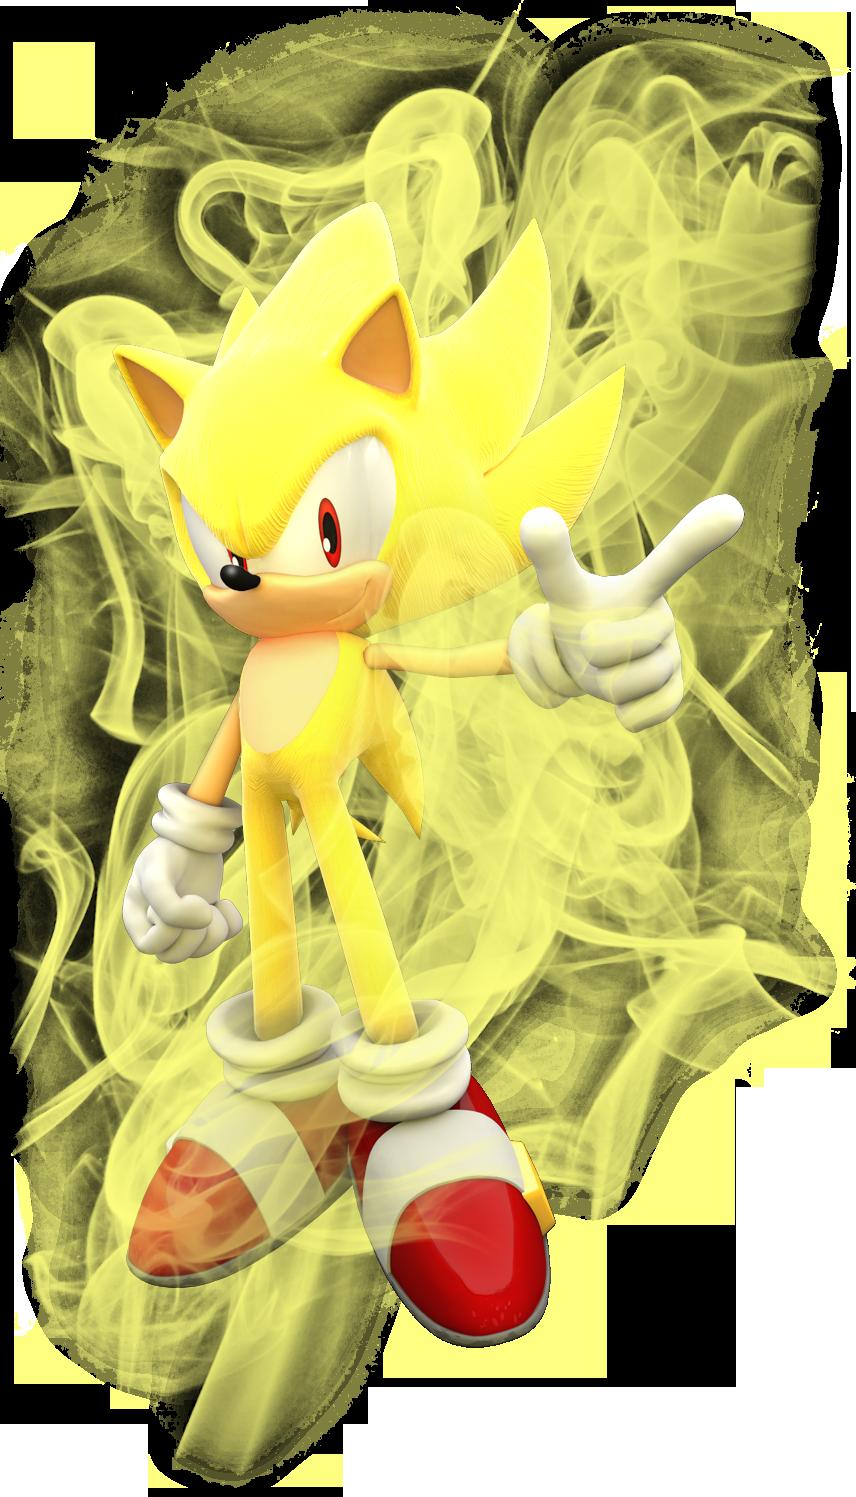 Super sonic smashpedia the super smash bros wiki - Super sonic 6 ...